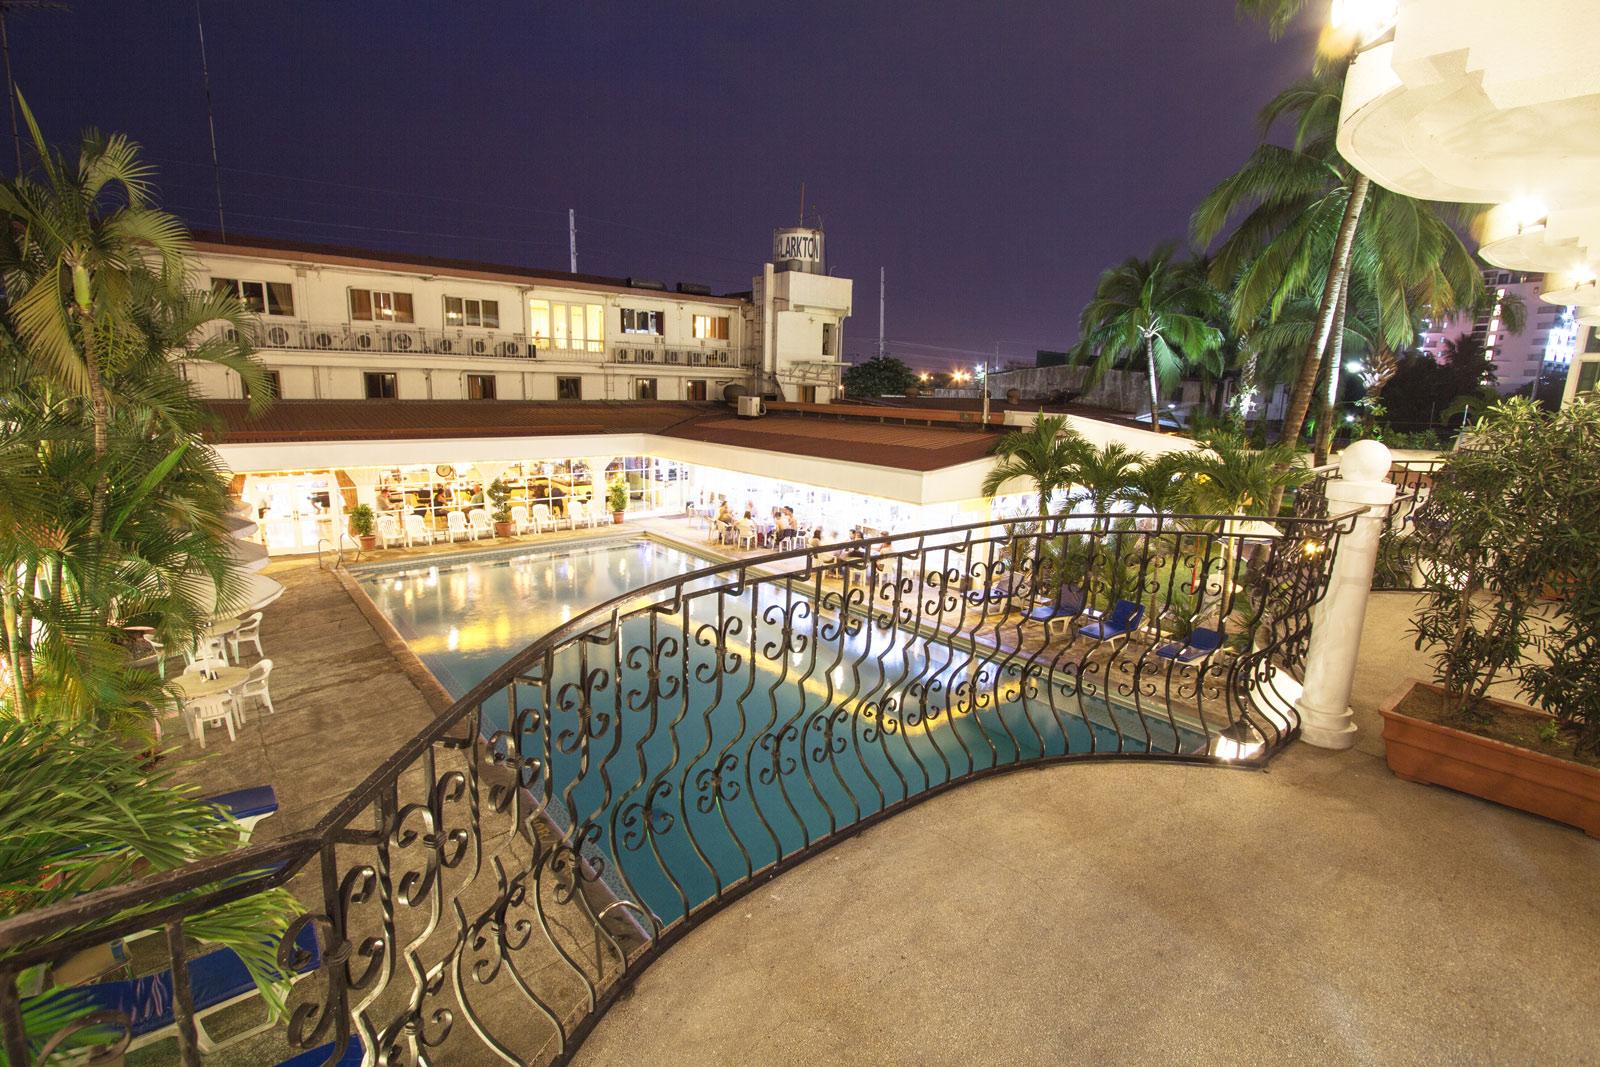 Clarkton Hotel Angeles Studio 1 4